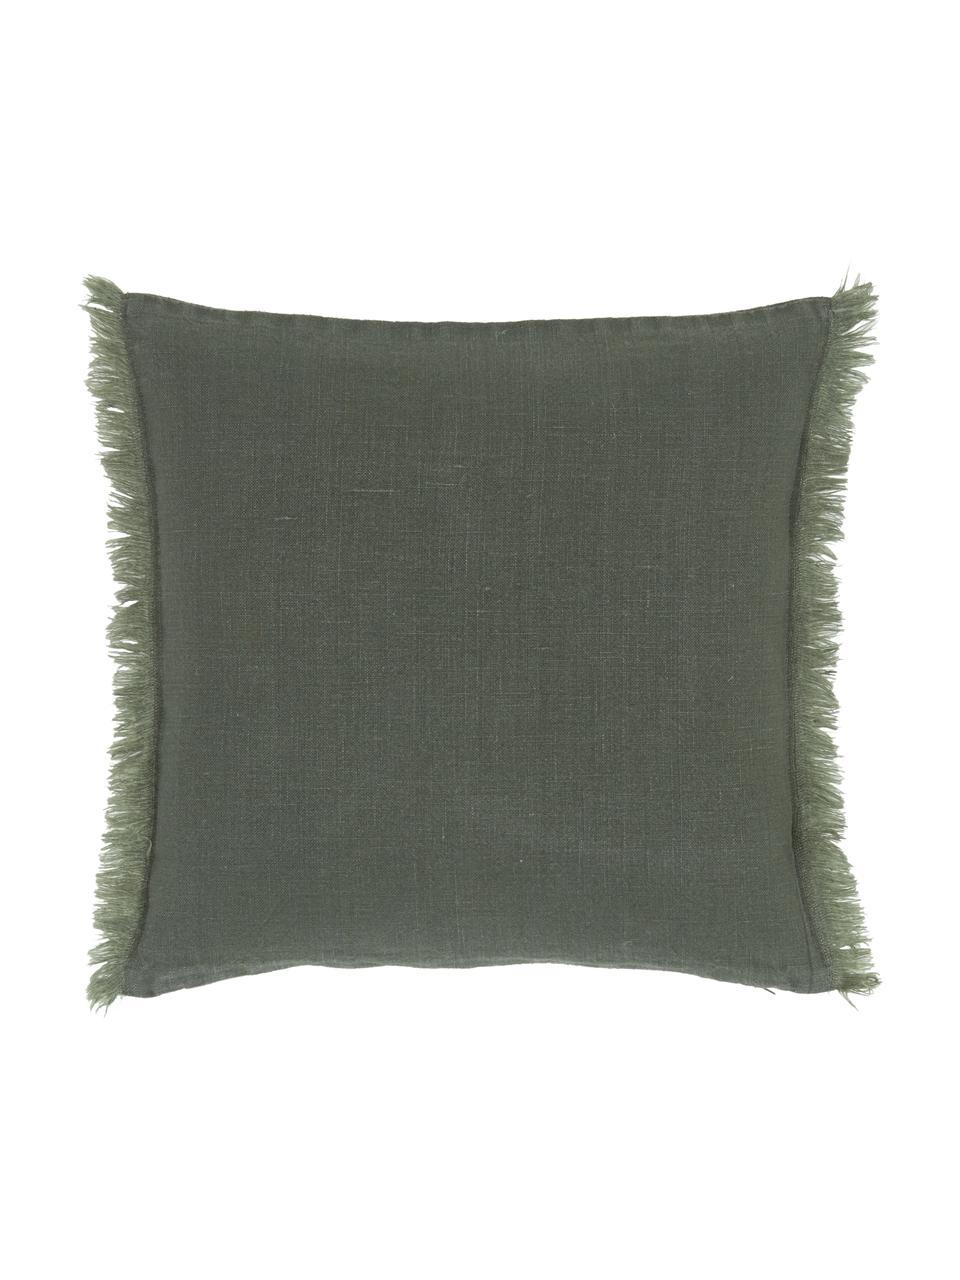 Leinen-Kissenhülle Luana in Dunkelgrün mit Fransen, 100% Leinen, Grün, 40 x 40 cm